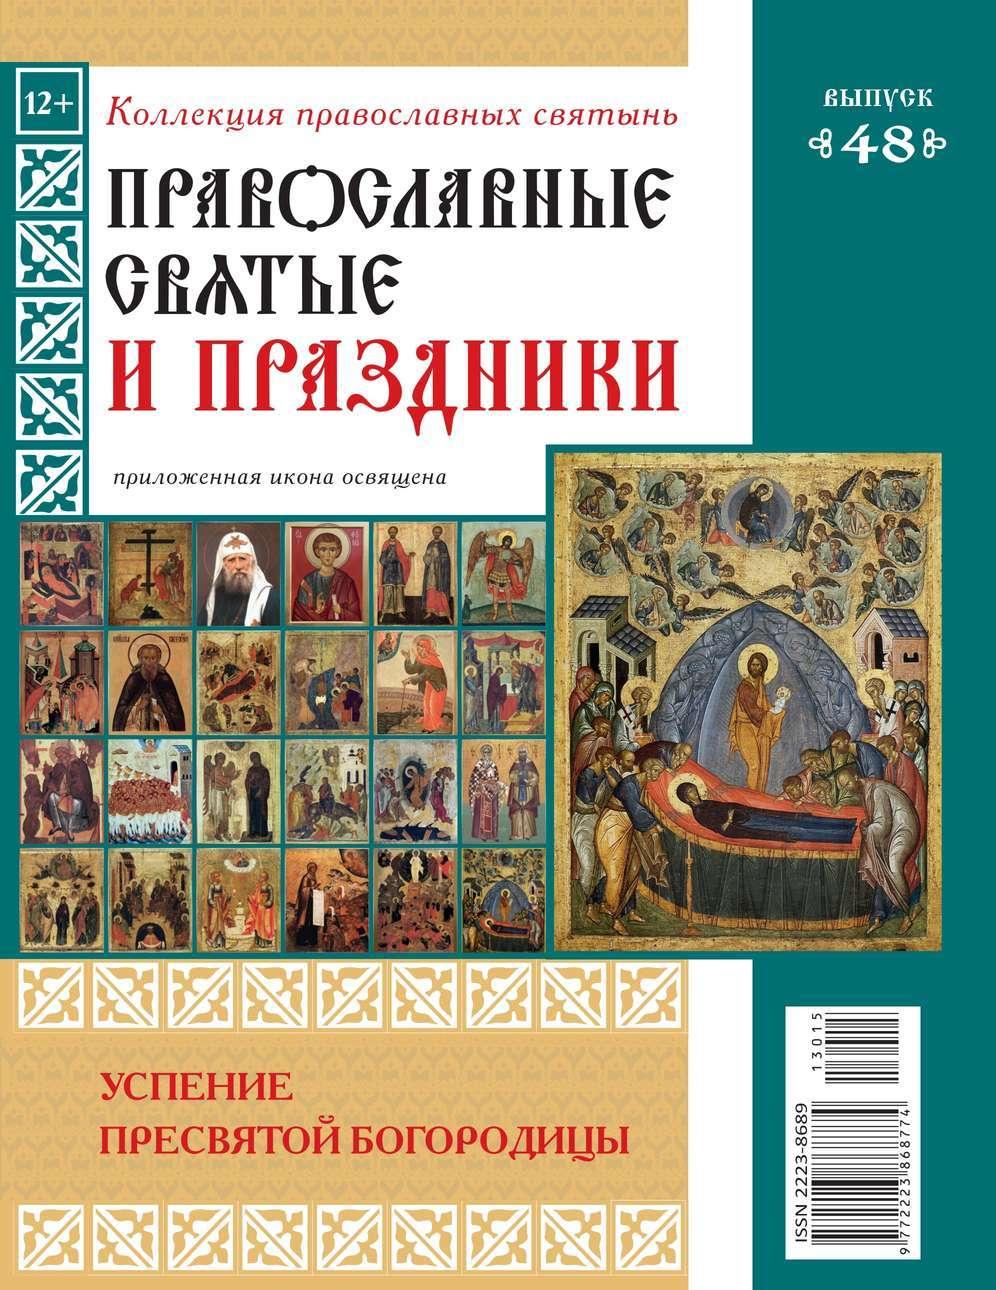 Коллекция Православных Святынь 48